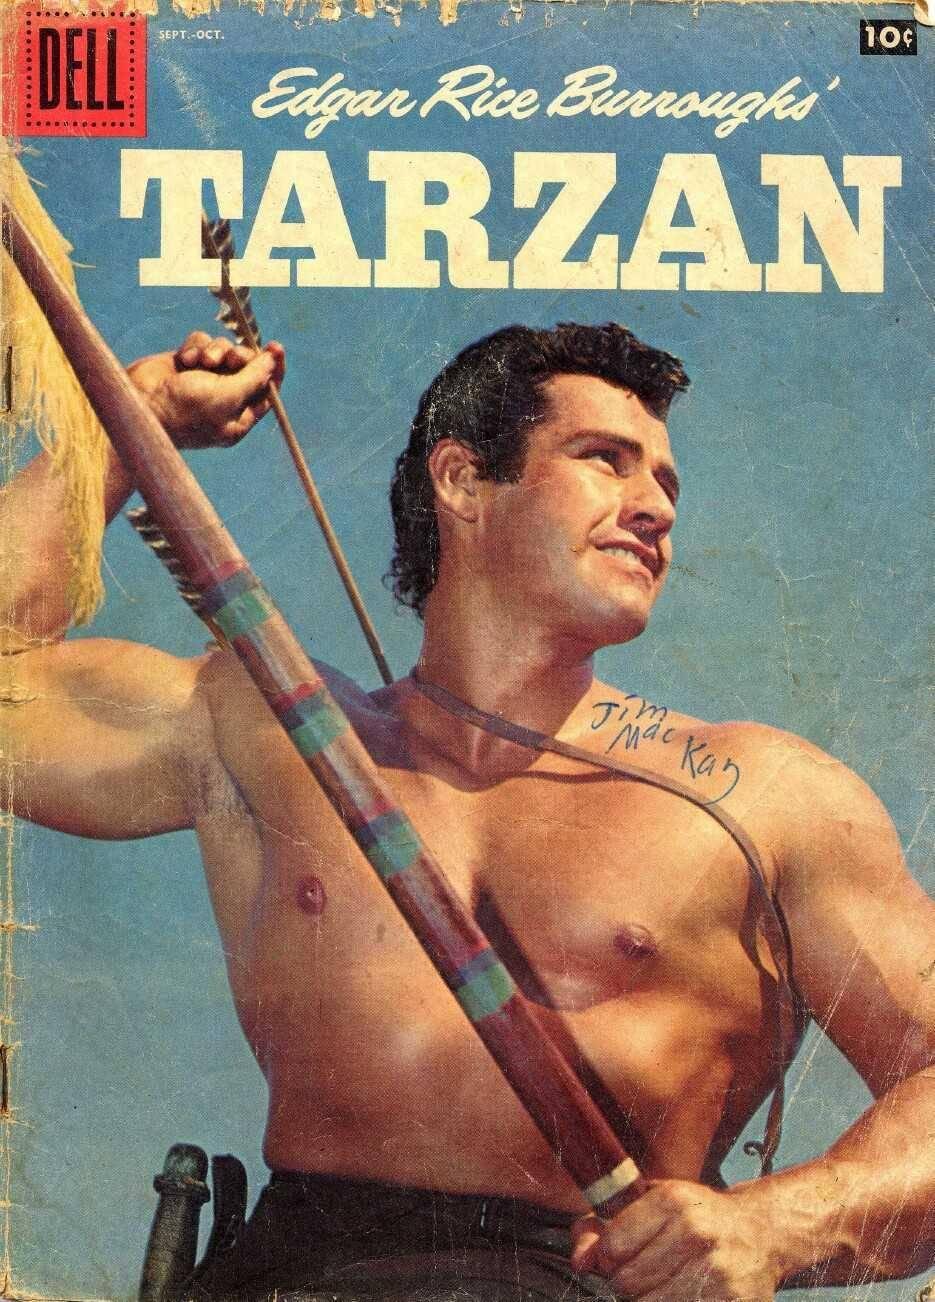 For tony - Tarzan Dell Gold Key - Tarzan 108 cbr